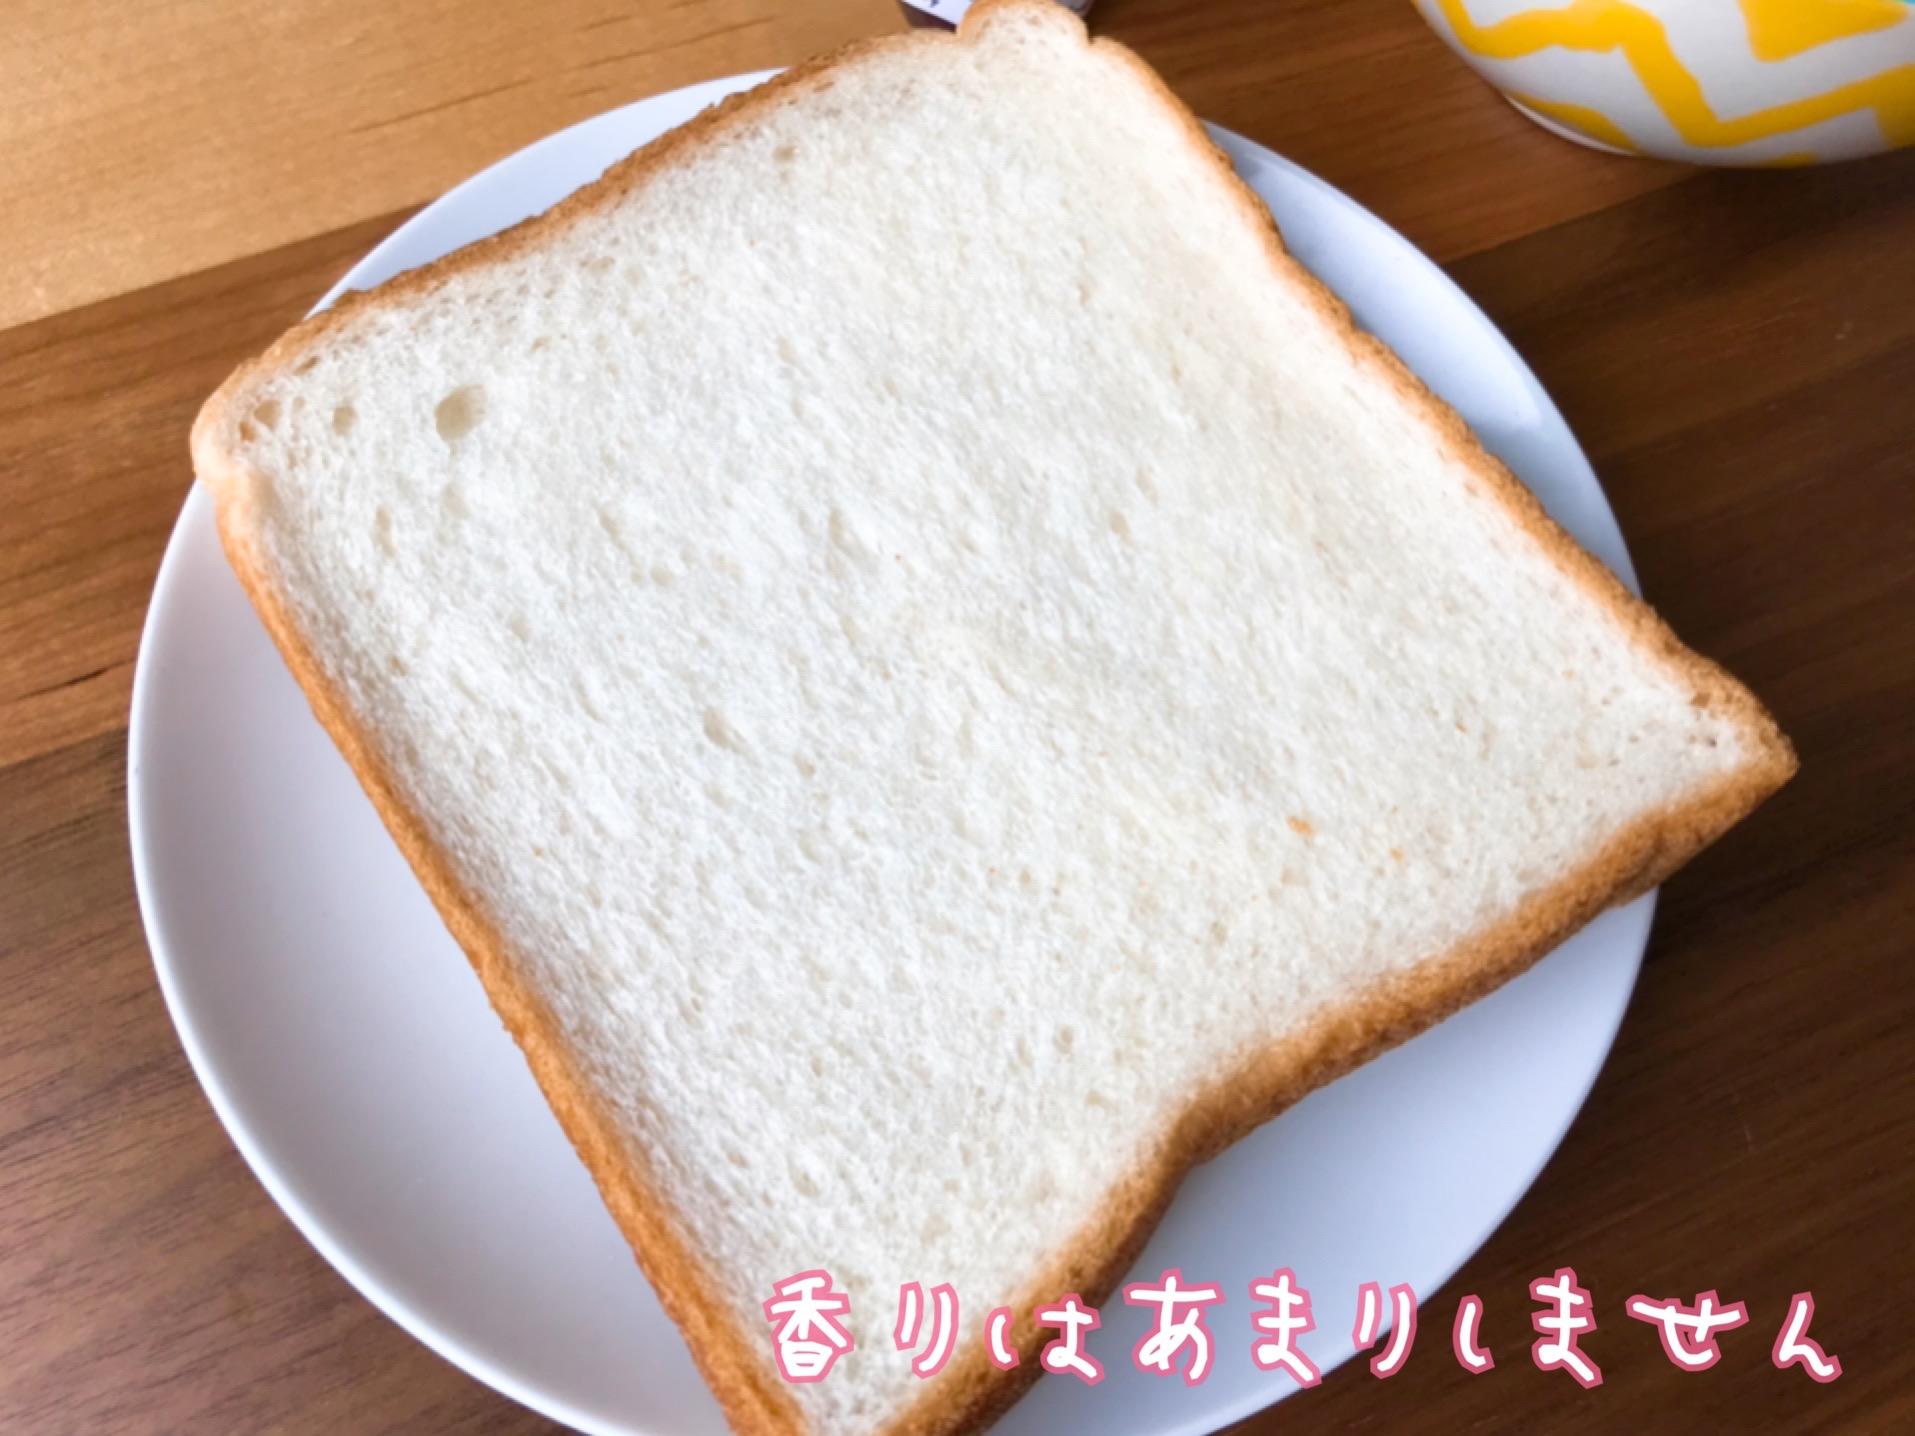 ミニストップ トップバリュー 食パン